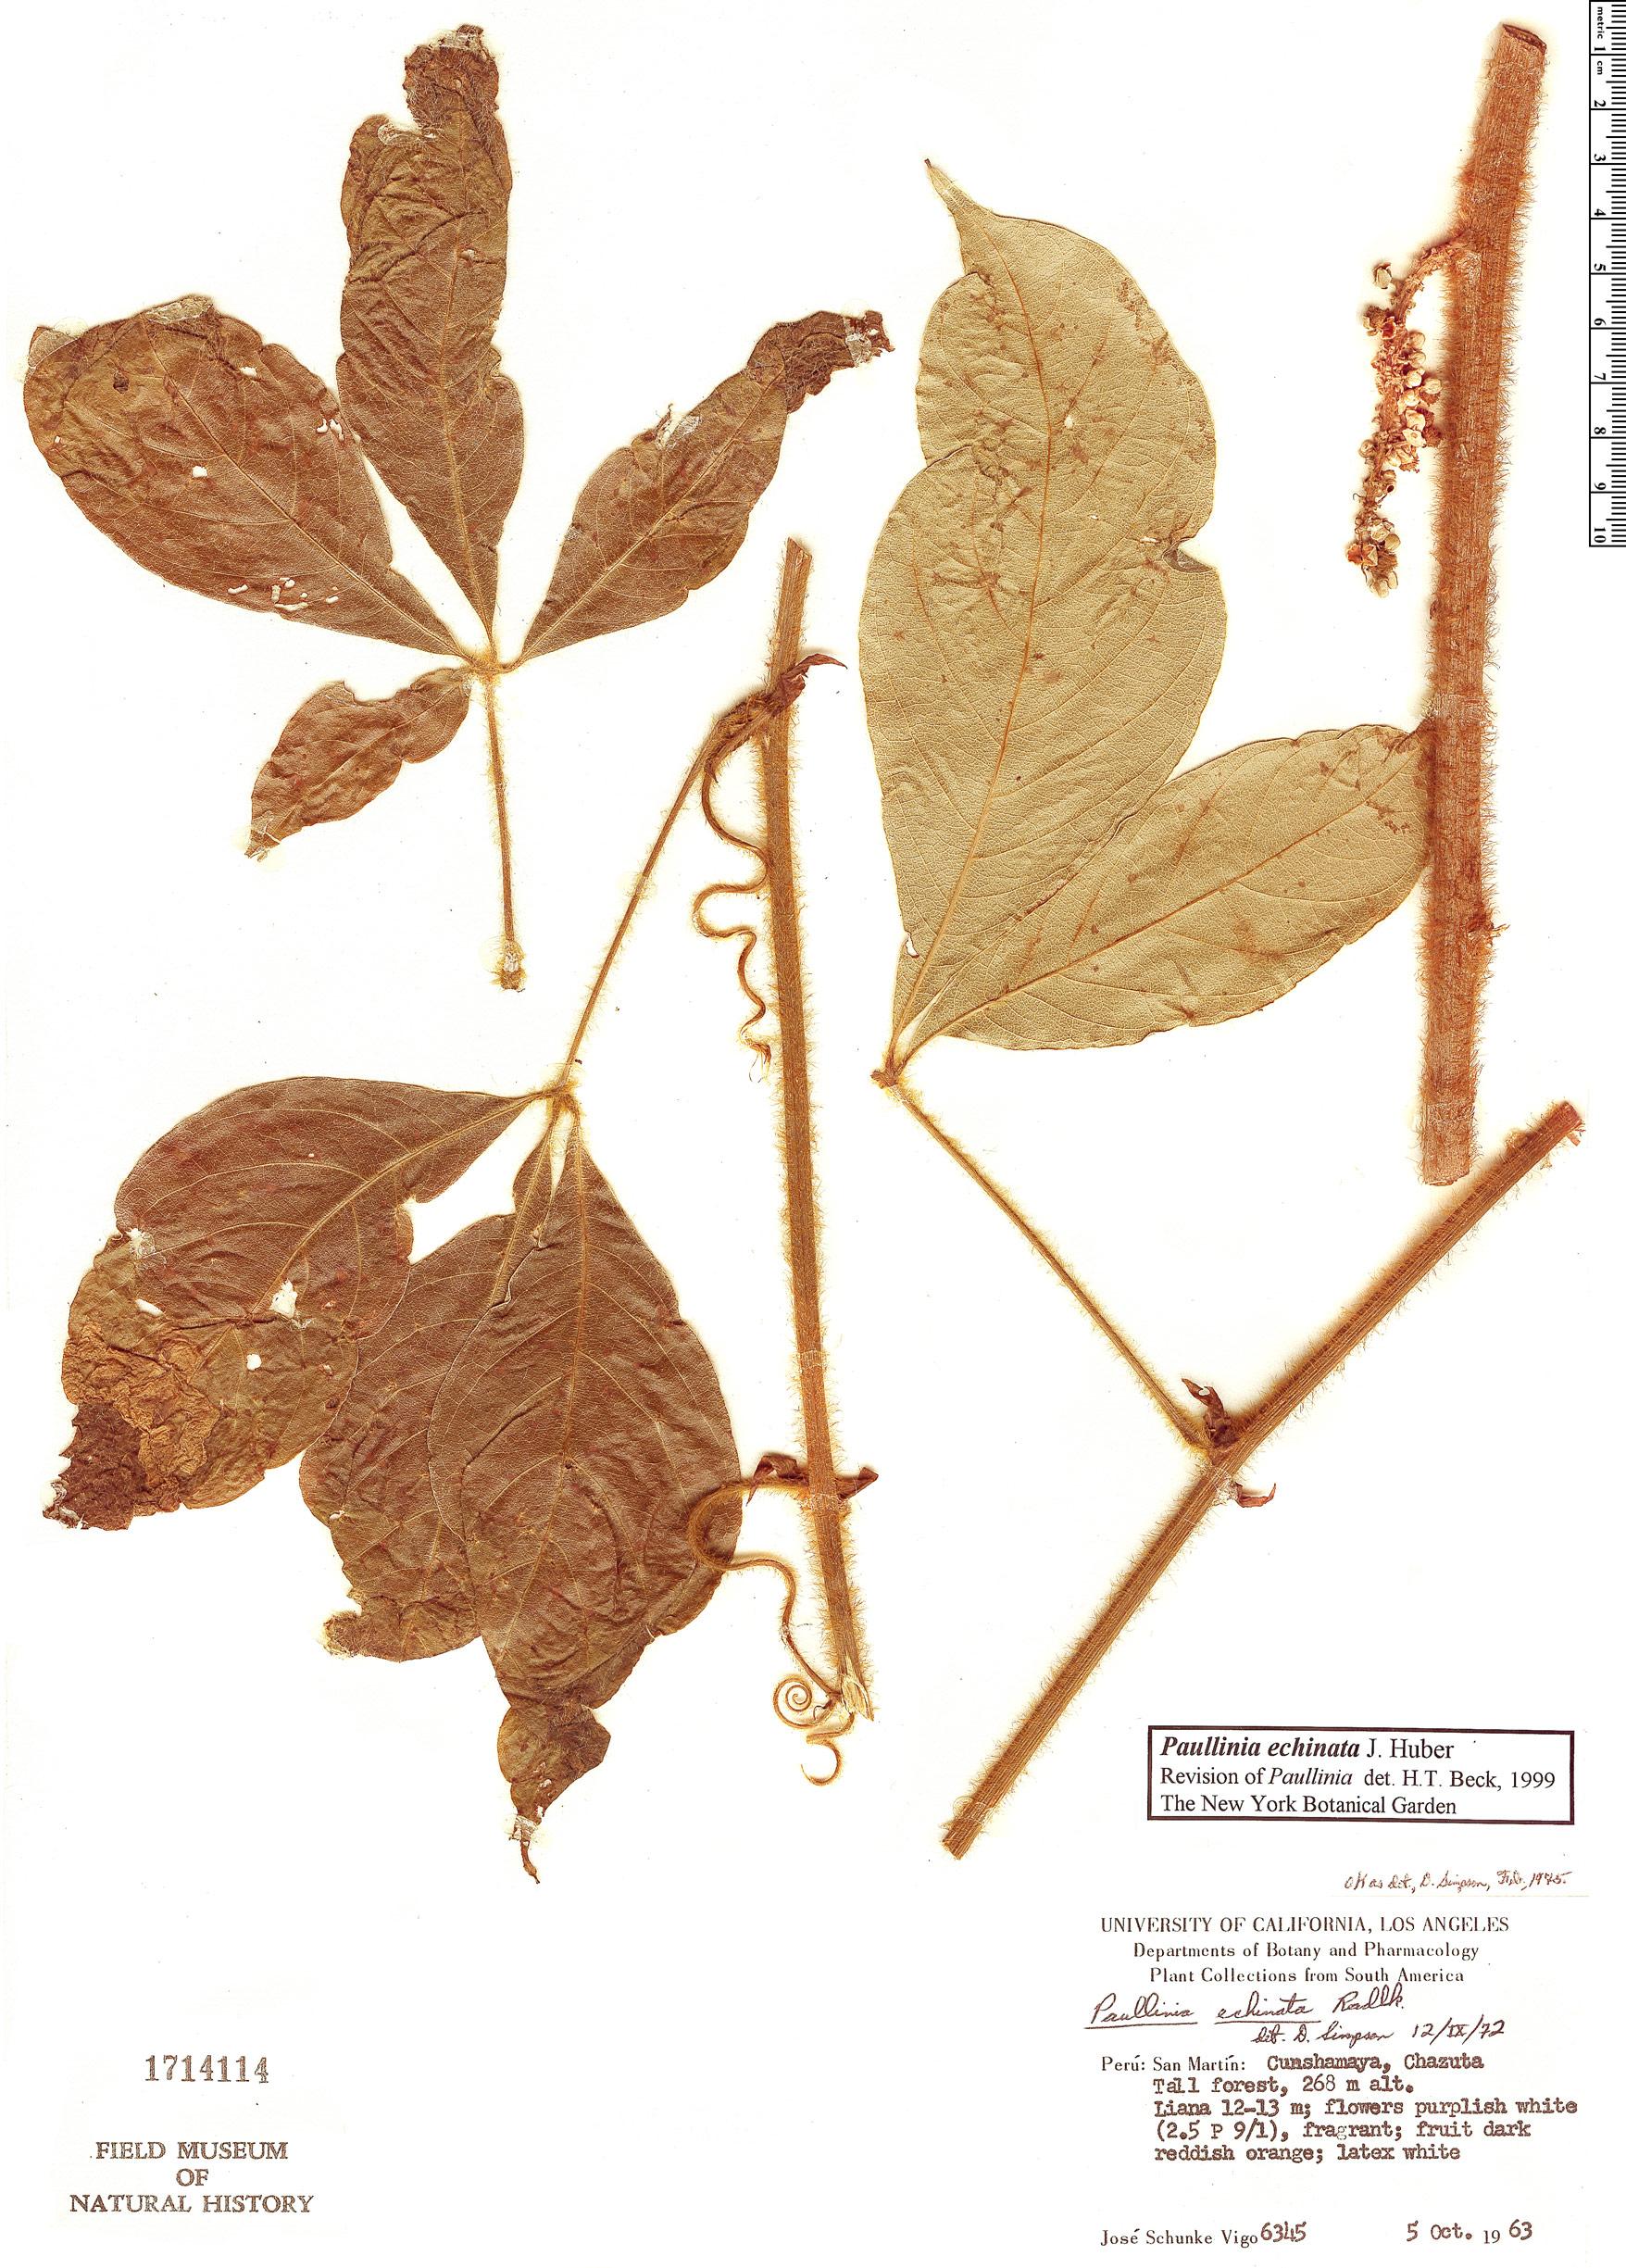 Specimen: Paullinia echinata